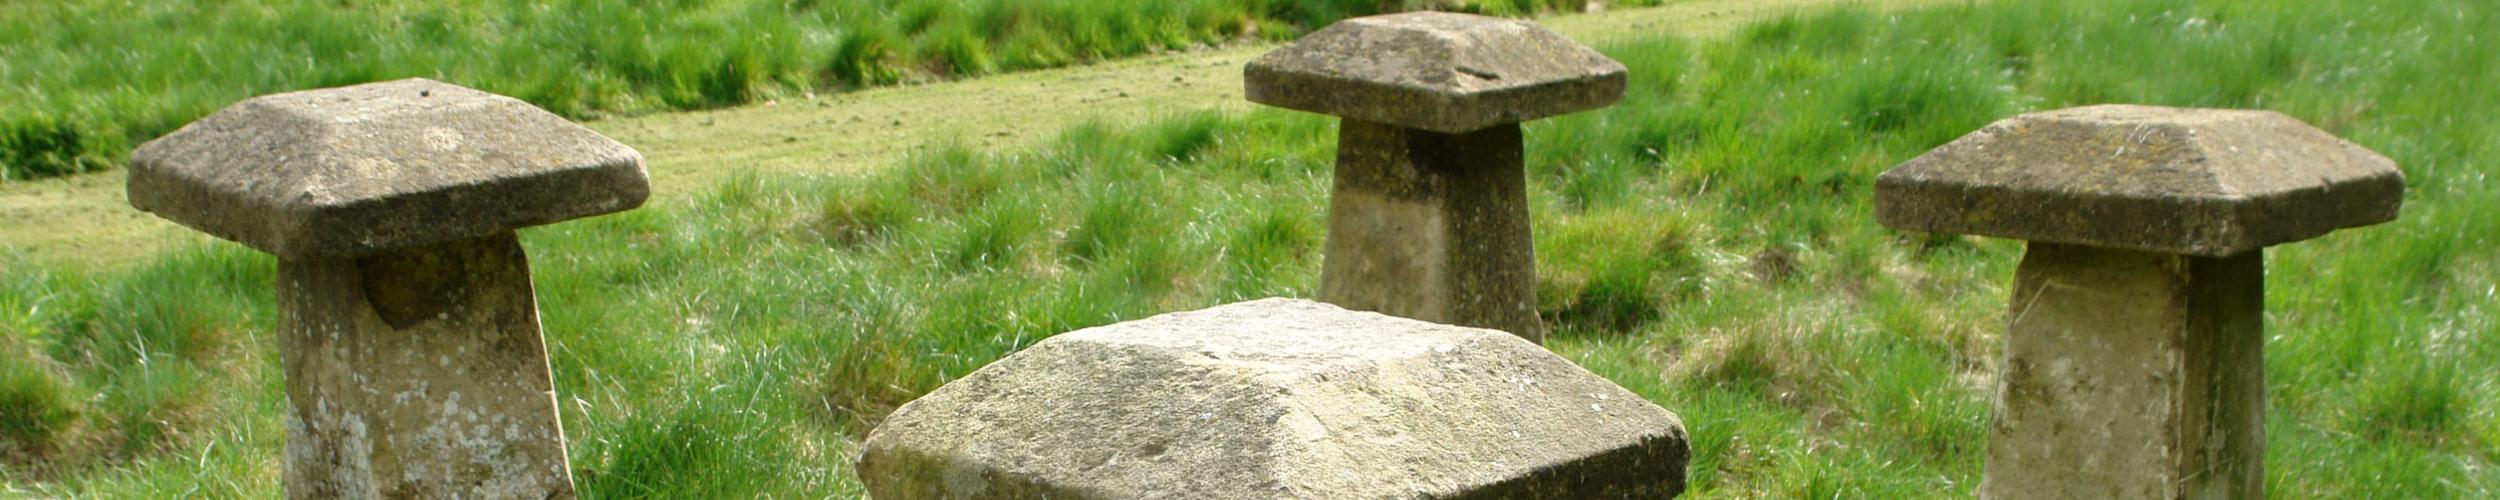 4 Edwardian staddle stones